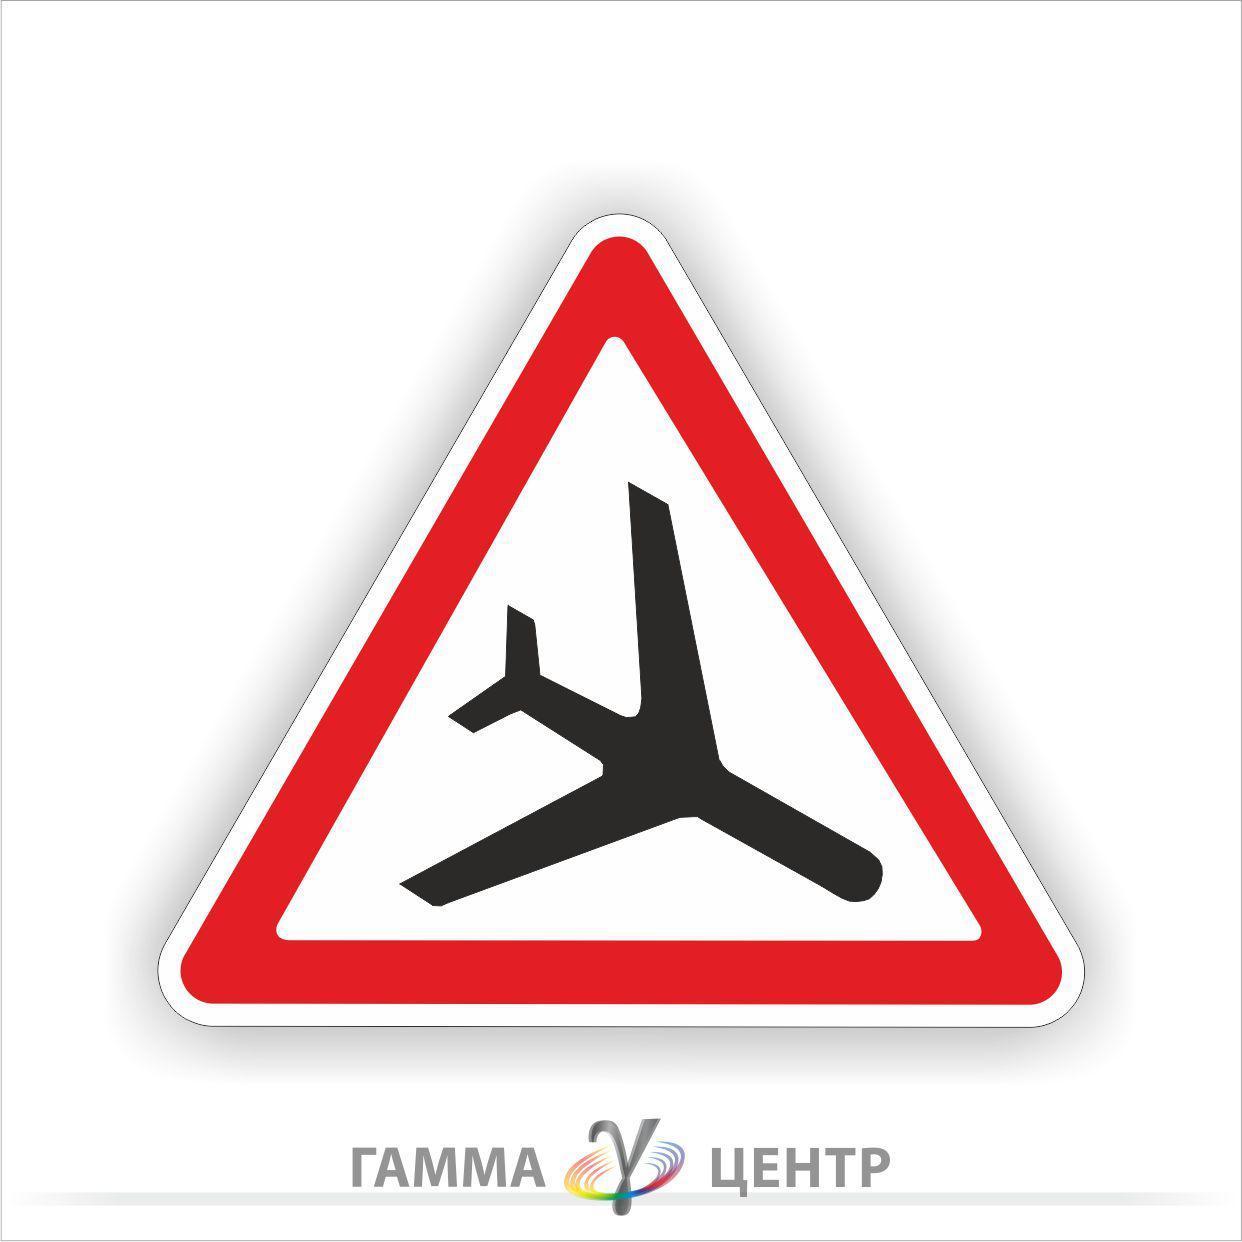 Маска дорожного знака 1.18. Низколетящие самолеты